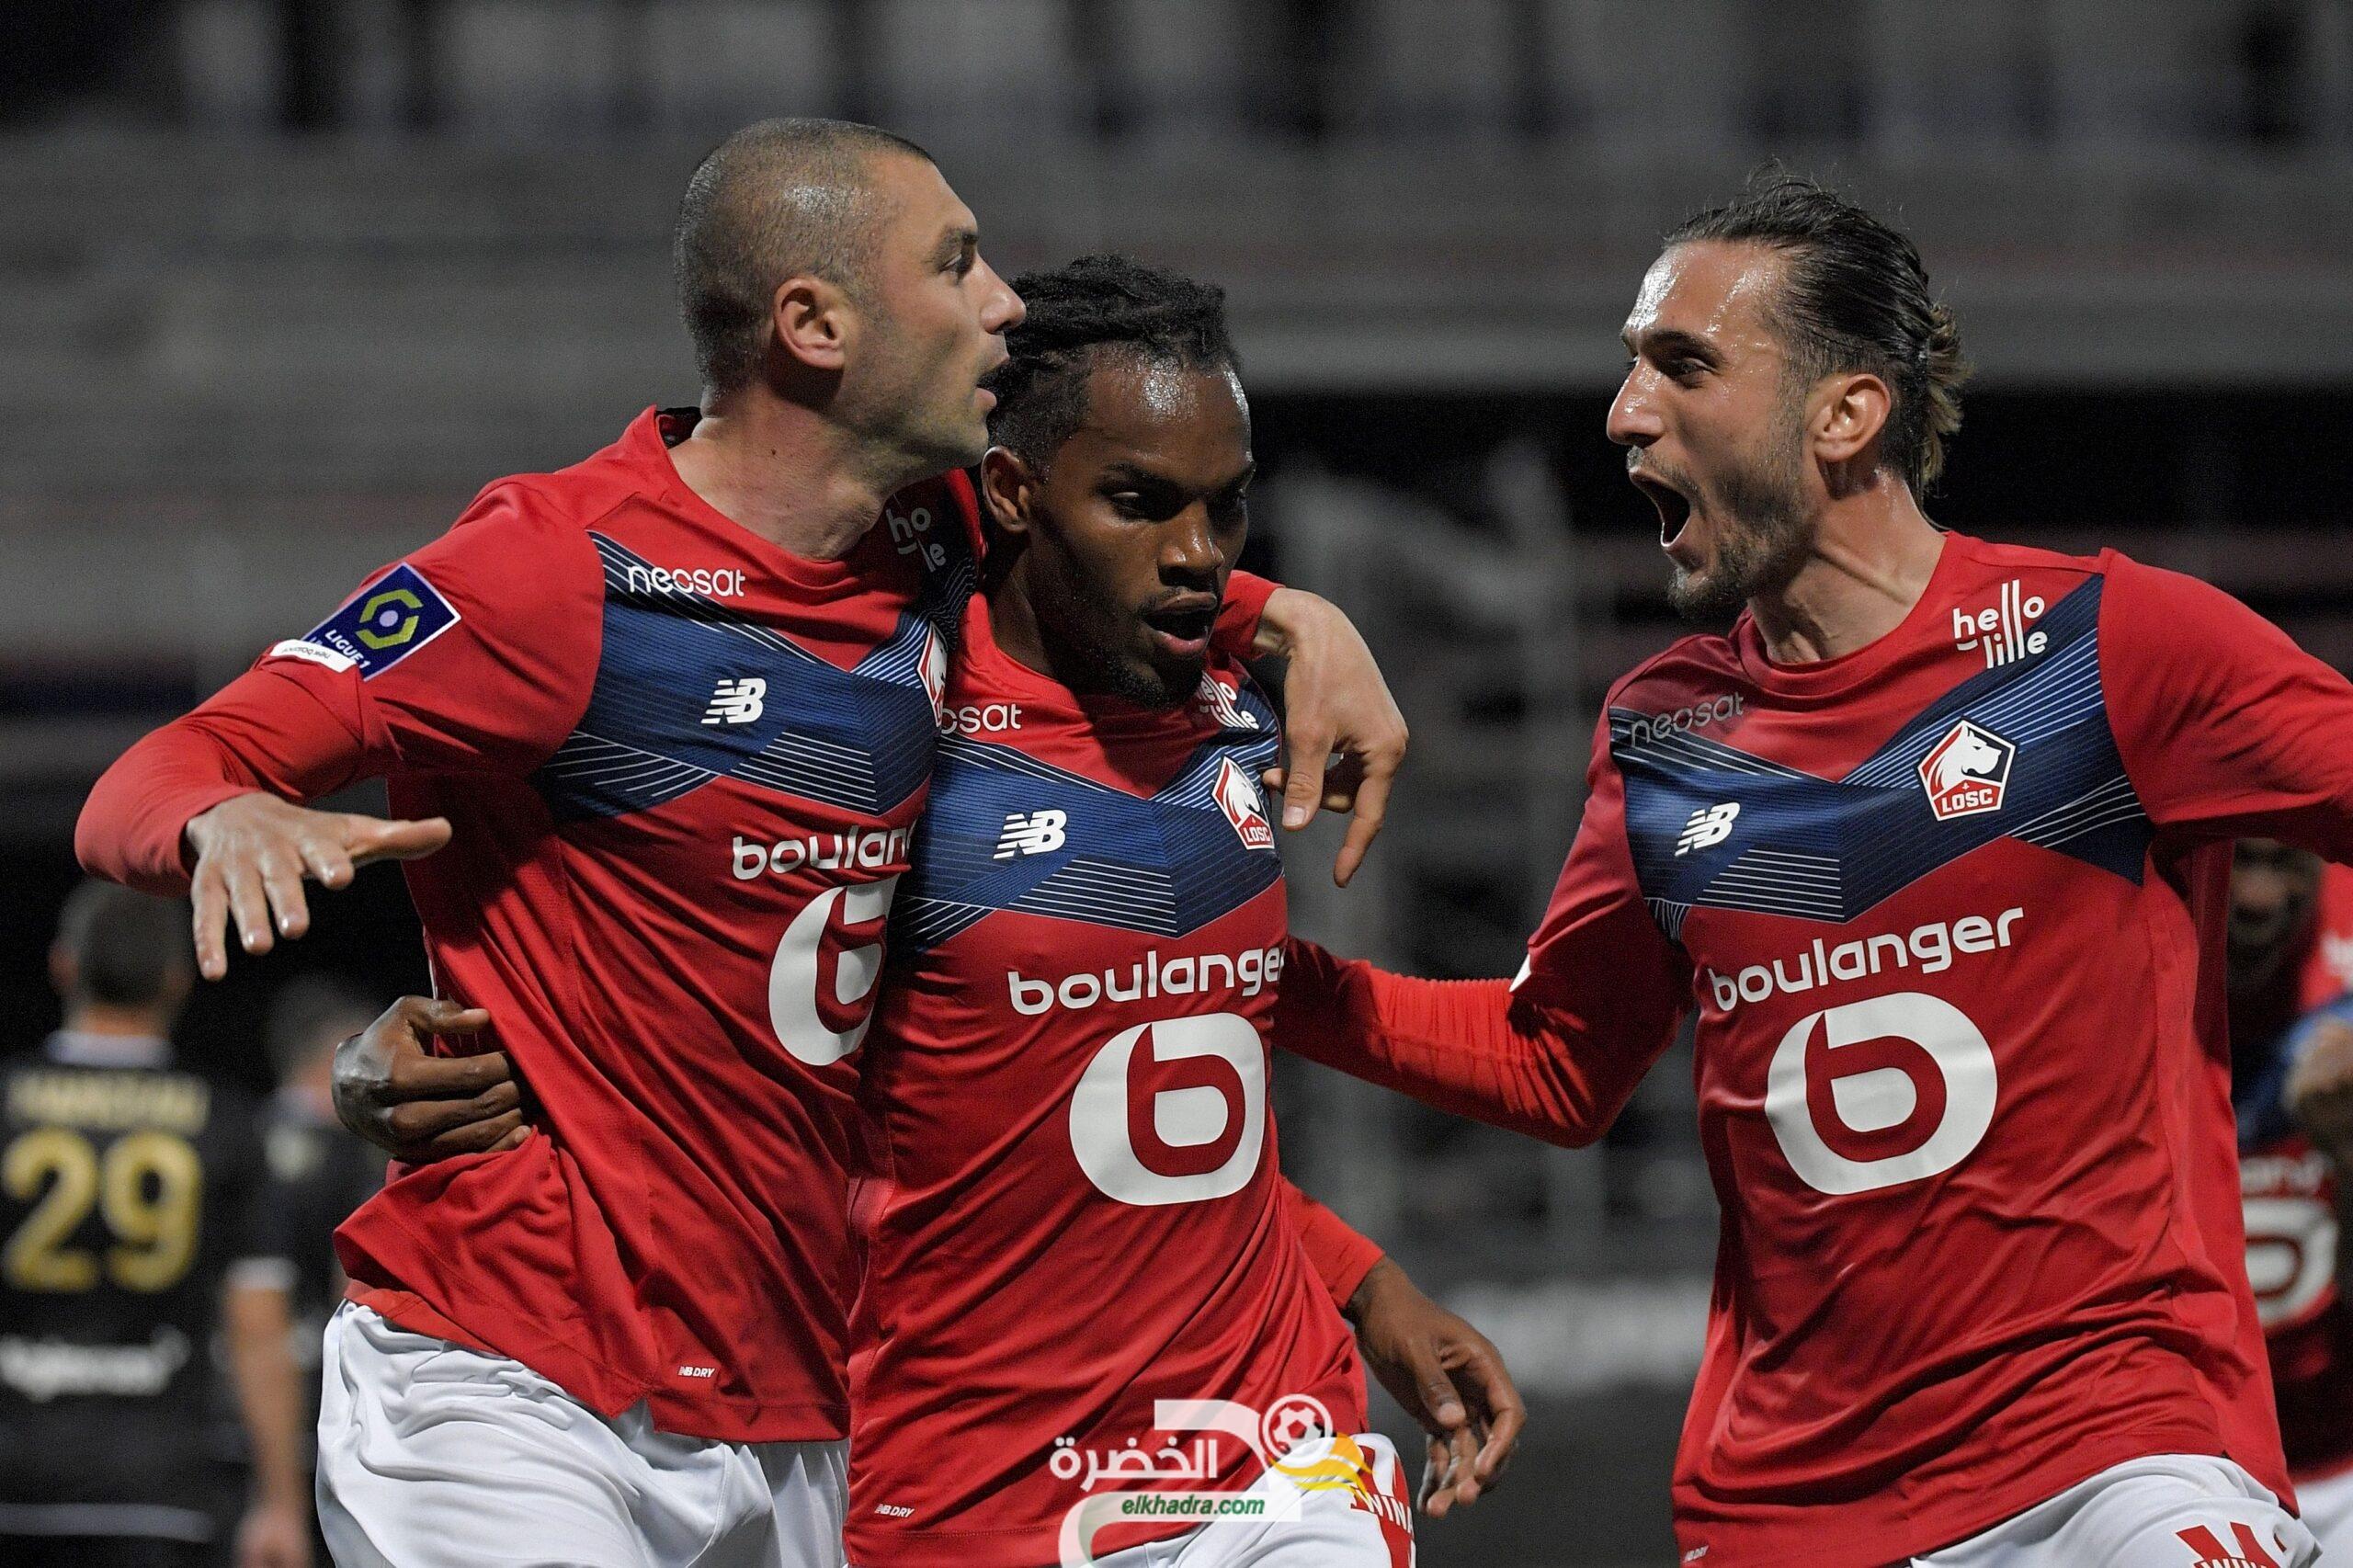 ليل يعود من بعيد ويتوج بطلًا للدوري الفرنسي للمرة السادسة في تاريخه 1